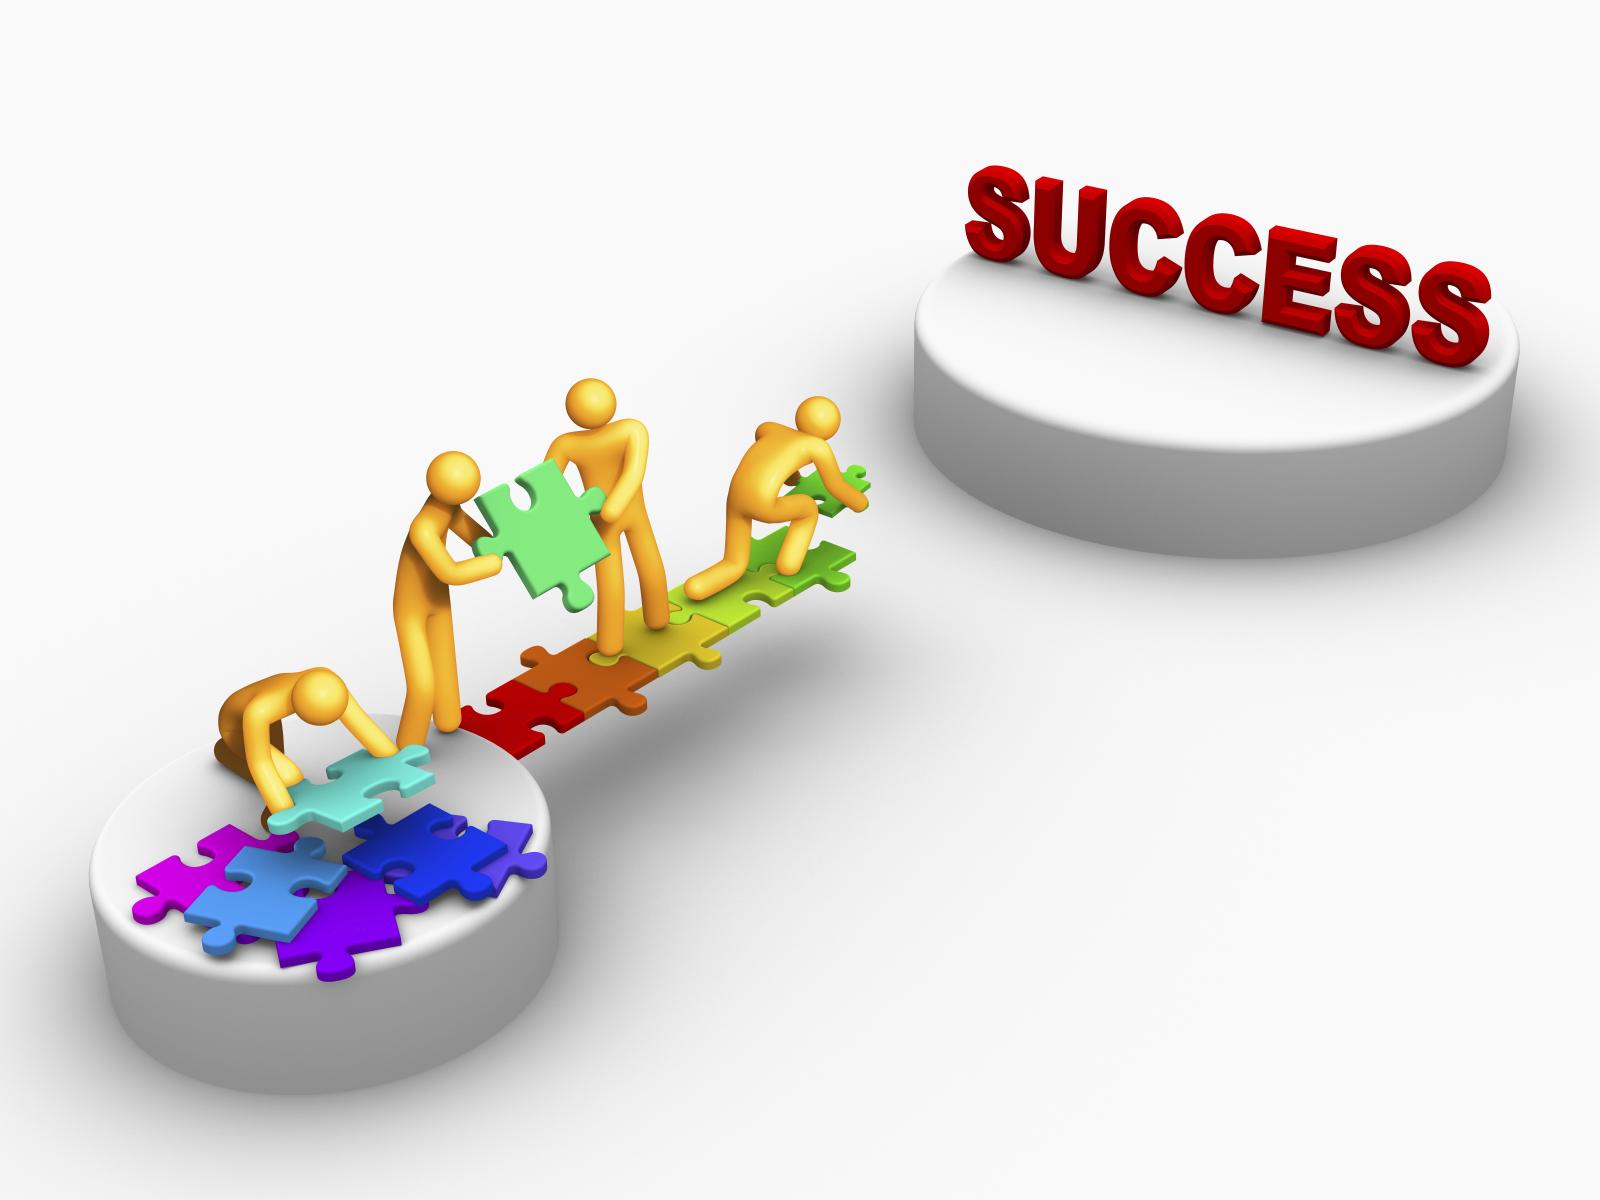 यश प्राप्तीसाठी निश्चित करा एकच ध्येय